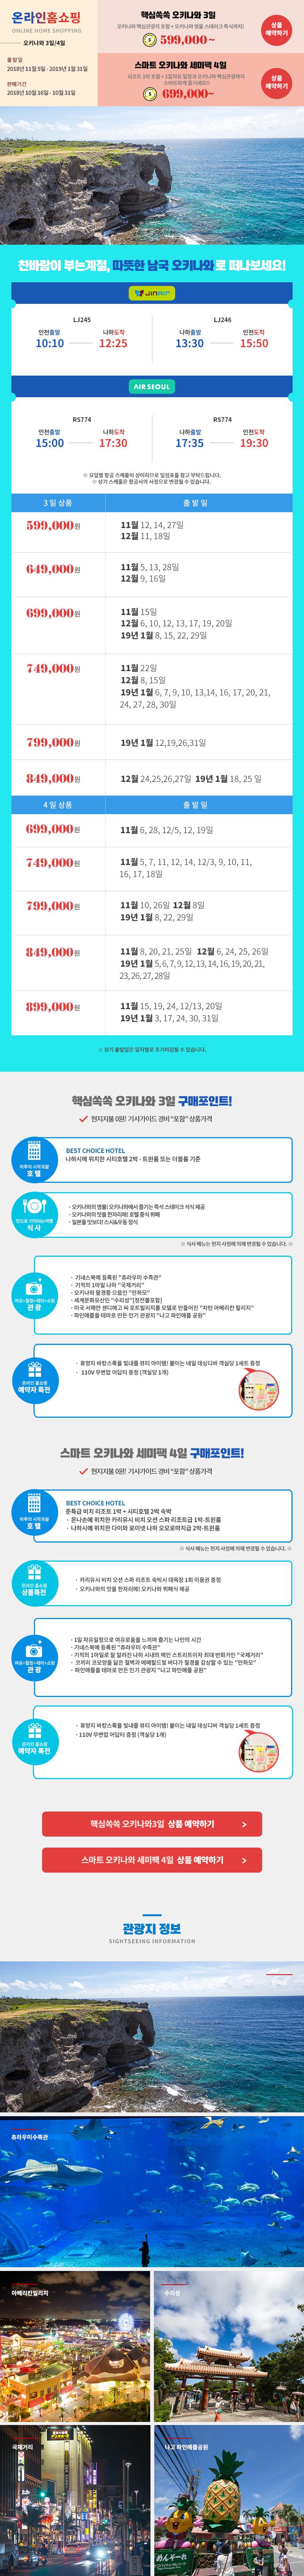 온라인 홈쇼핑_규슈 품격 온천 369,000원부터